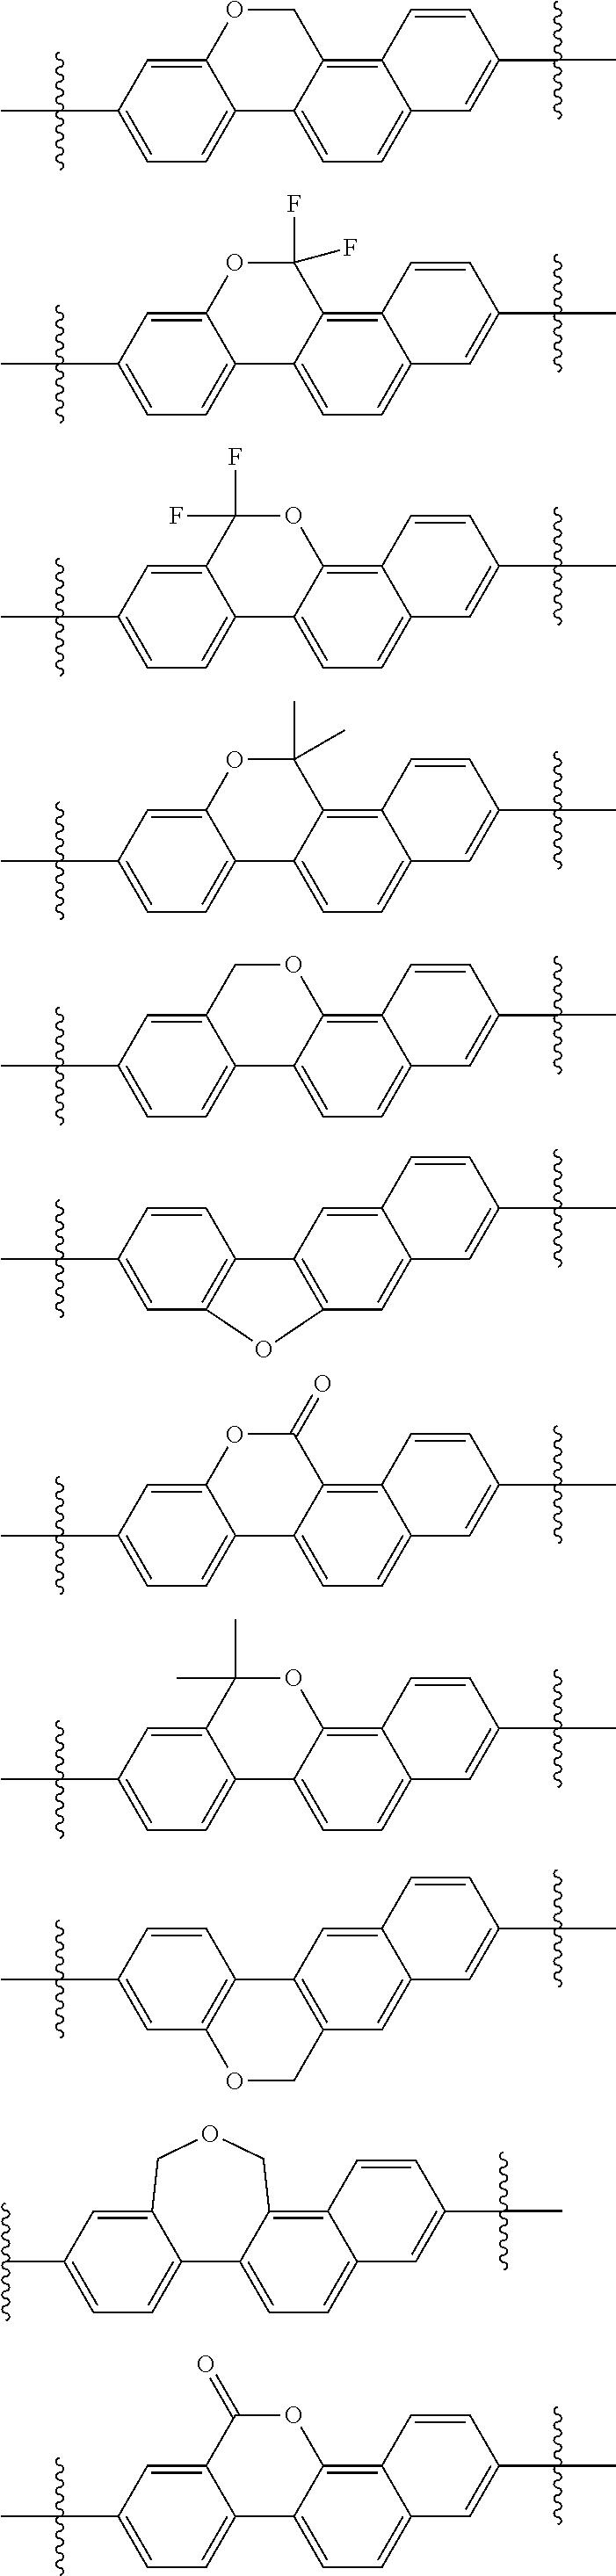 Figure US09511056-20161206-C00210